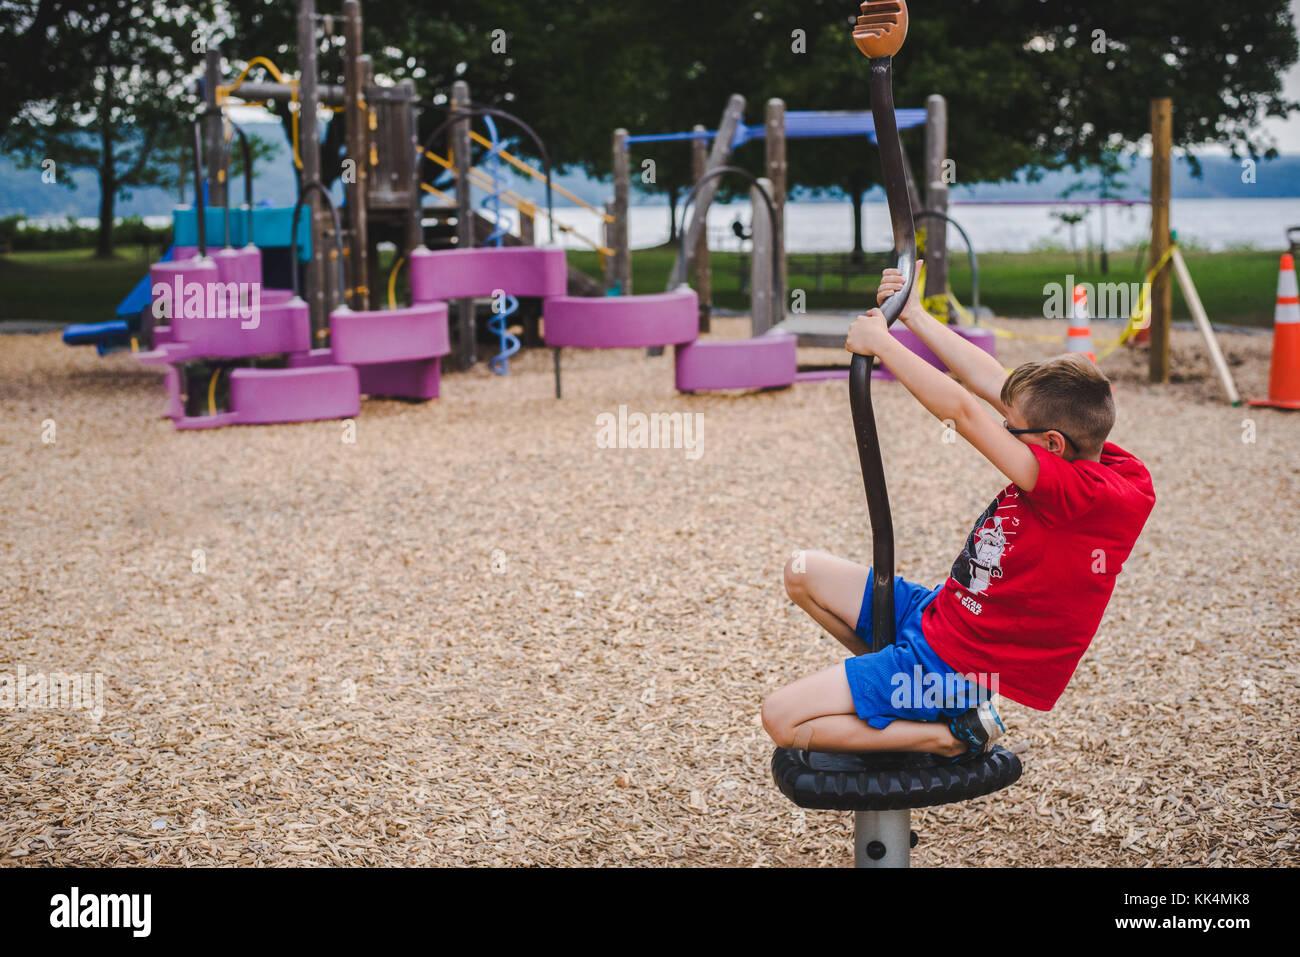 Un bambino gioca sul parco giochi in un giorno di estate Immagini Stock